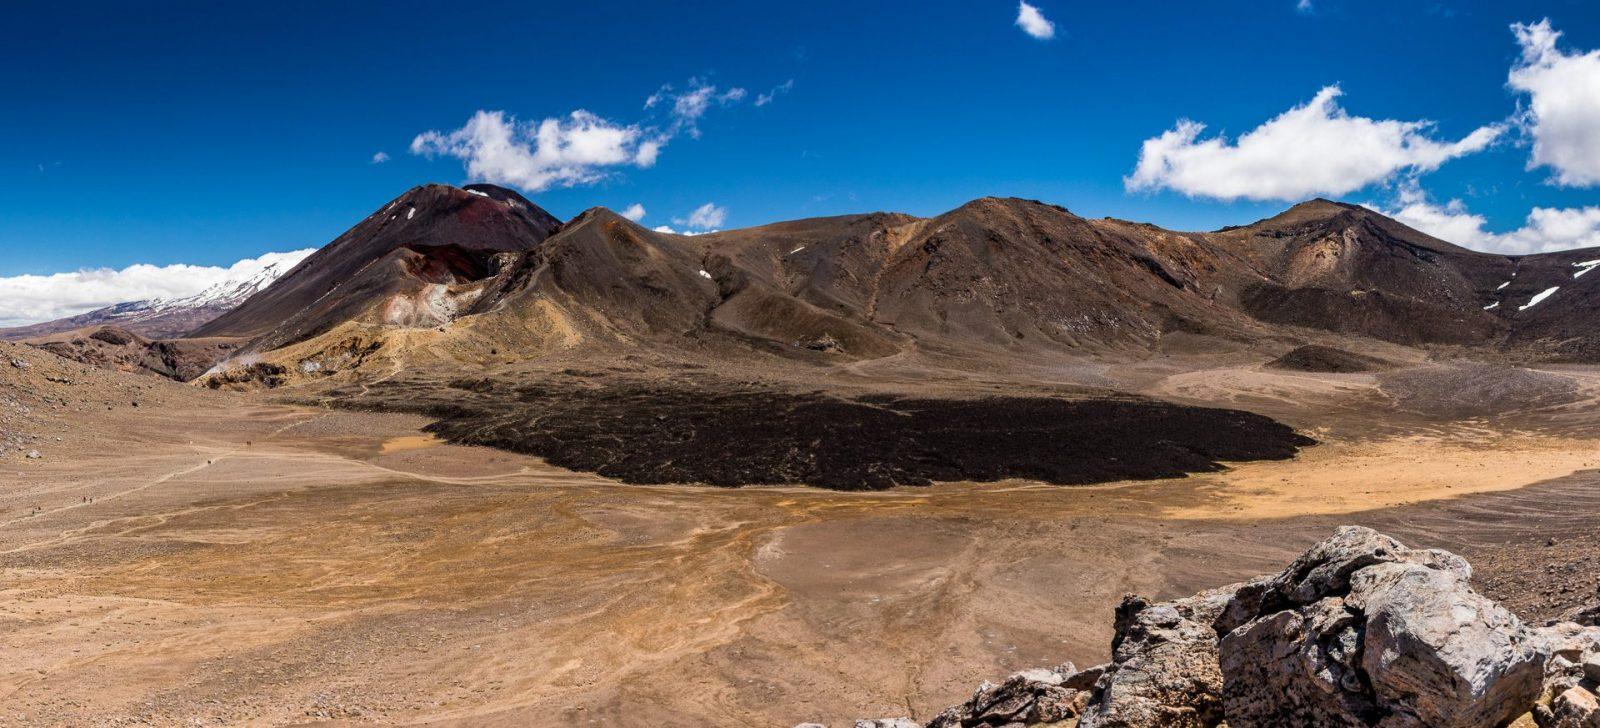 Dominantní horou je tu tmavá Ngauruhoe, napravo od ní oblý vrchol Tongariro a vzadu vystupují zasněžené svahy Ruapehu. V popředí černé lávové pole